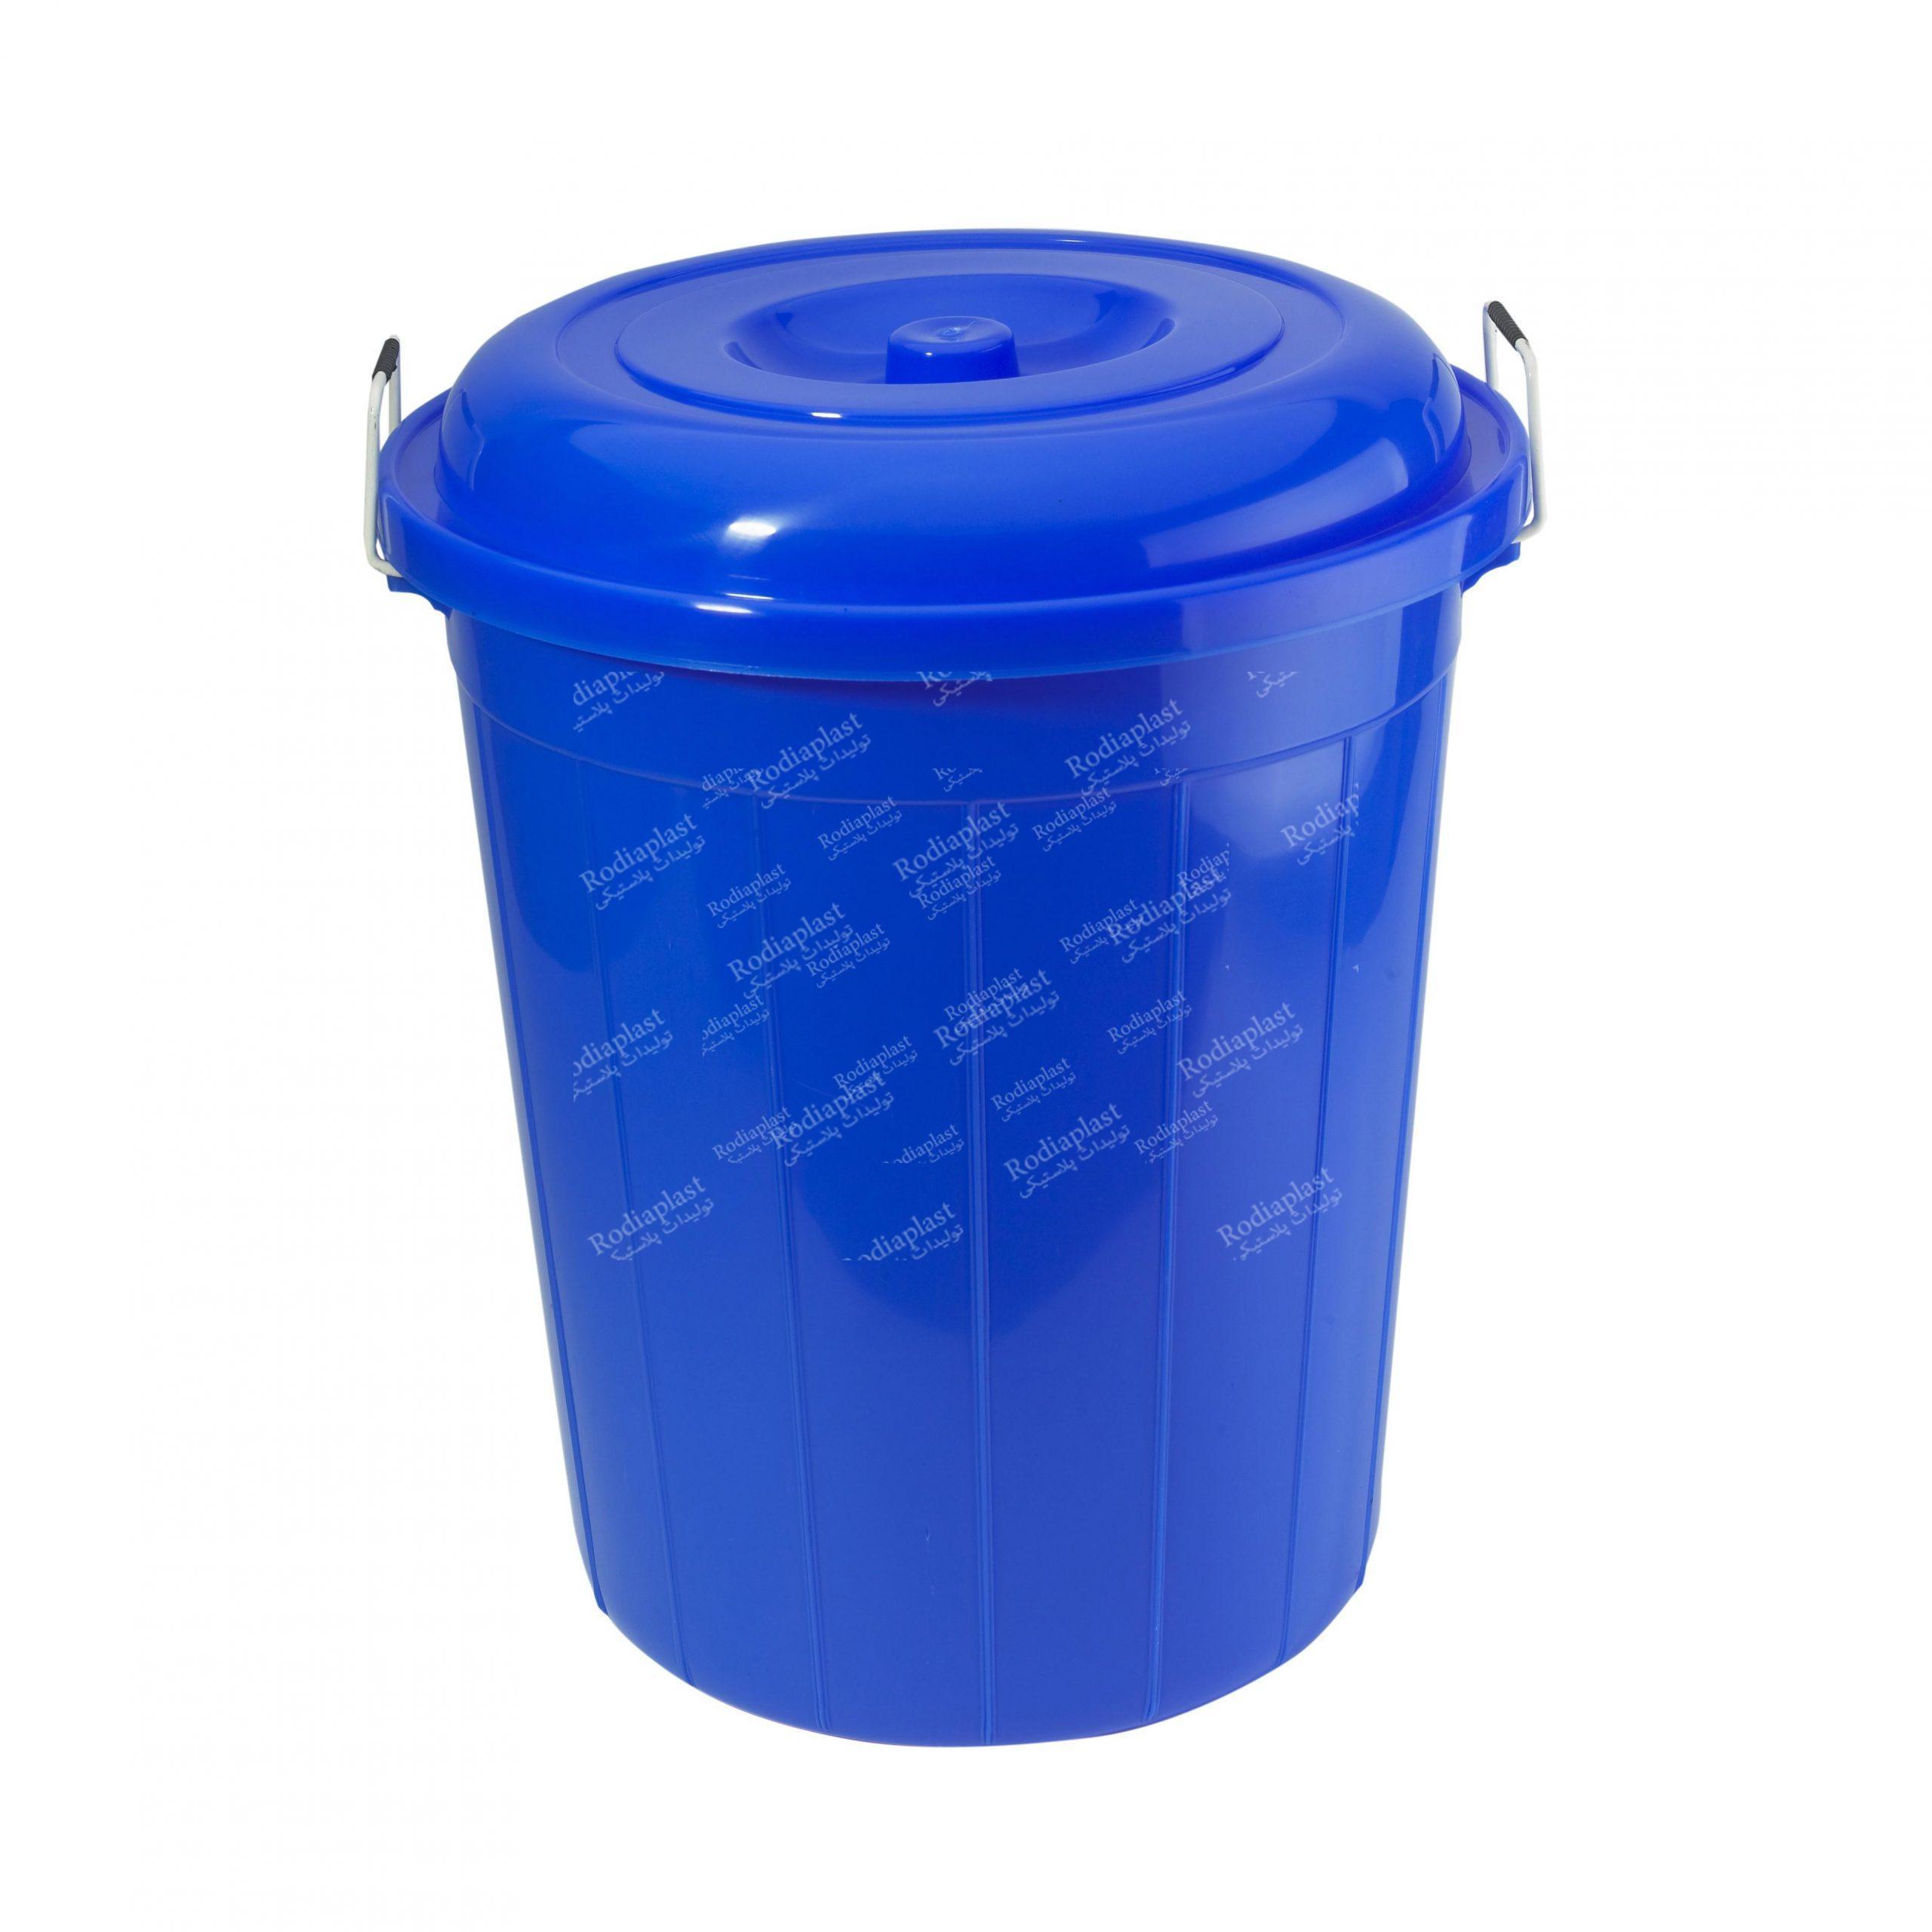 سطل پلاستیکی بزرگ